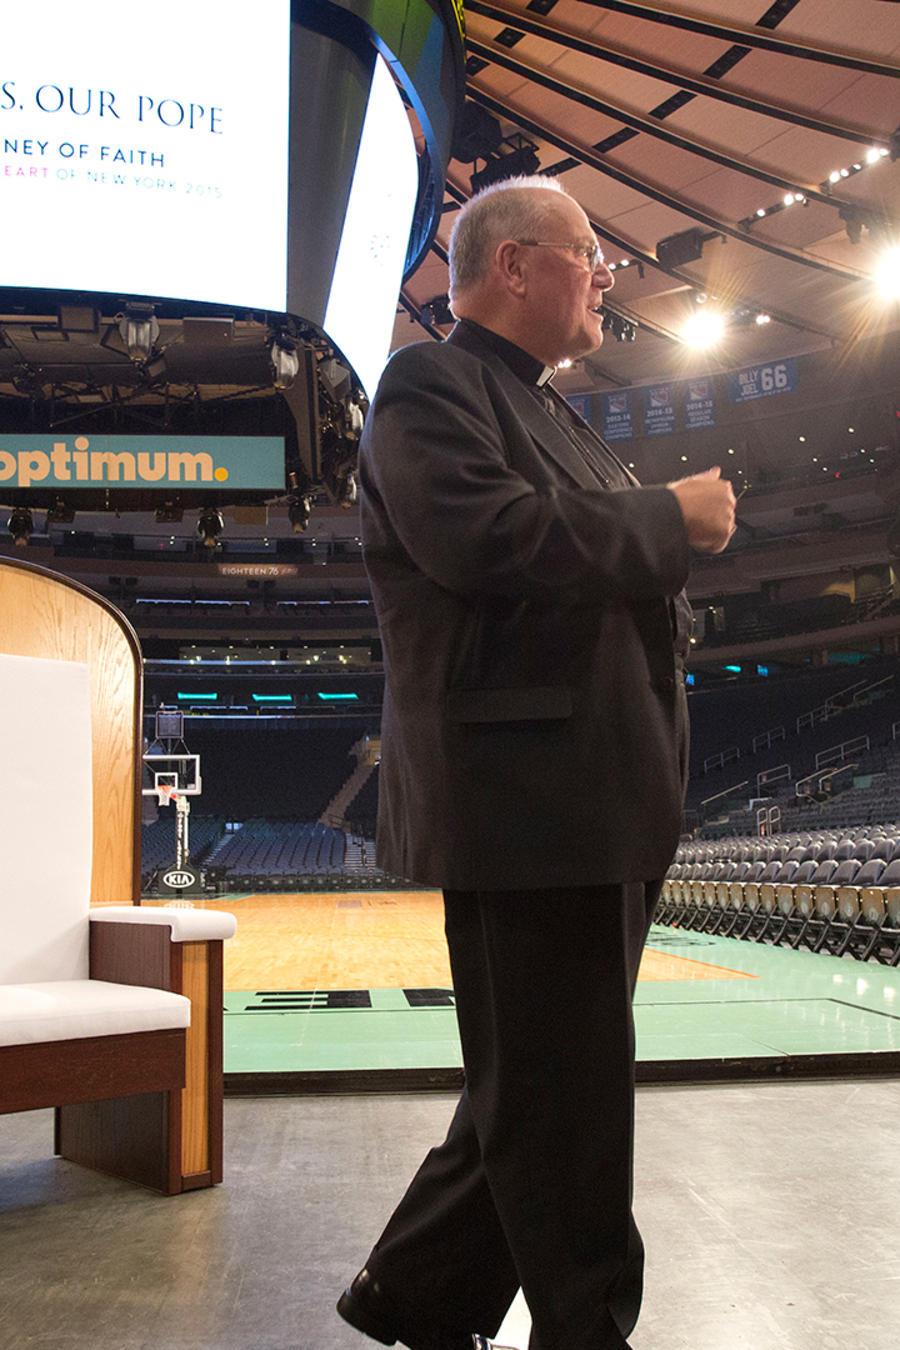 El cardenal Timothy Dolan, arzobispo de Nueva York, anuncia el miércoles 2 de septiembre del 2015 detalles sobre la misa del papa Francisco en Madison Square Garden a finales de septiembre. Detrás de él, se ve la silla de madera que usará el pontífice dur